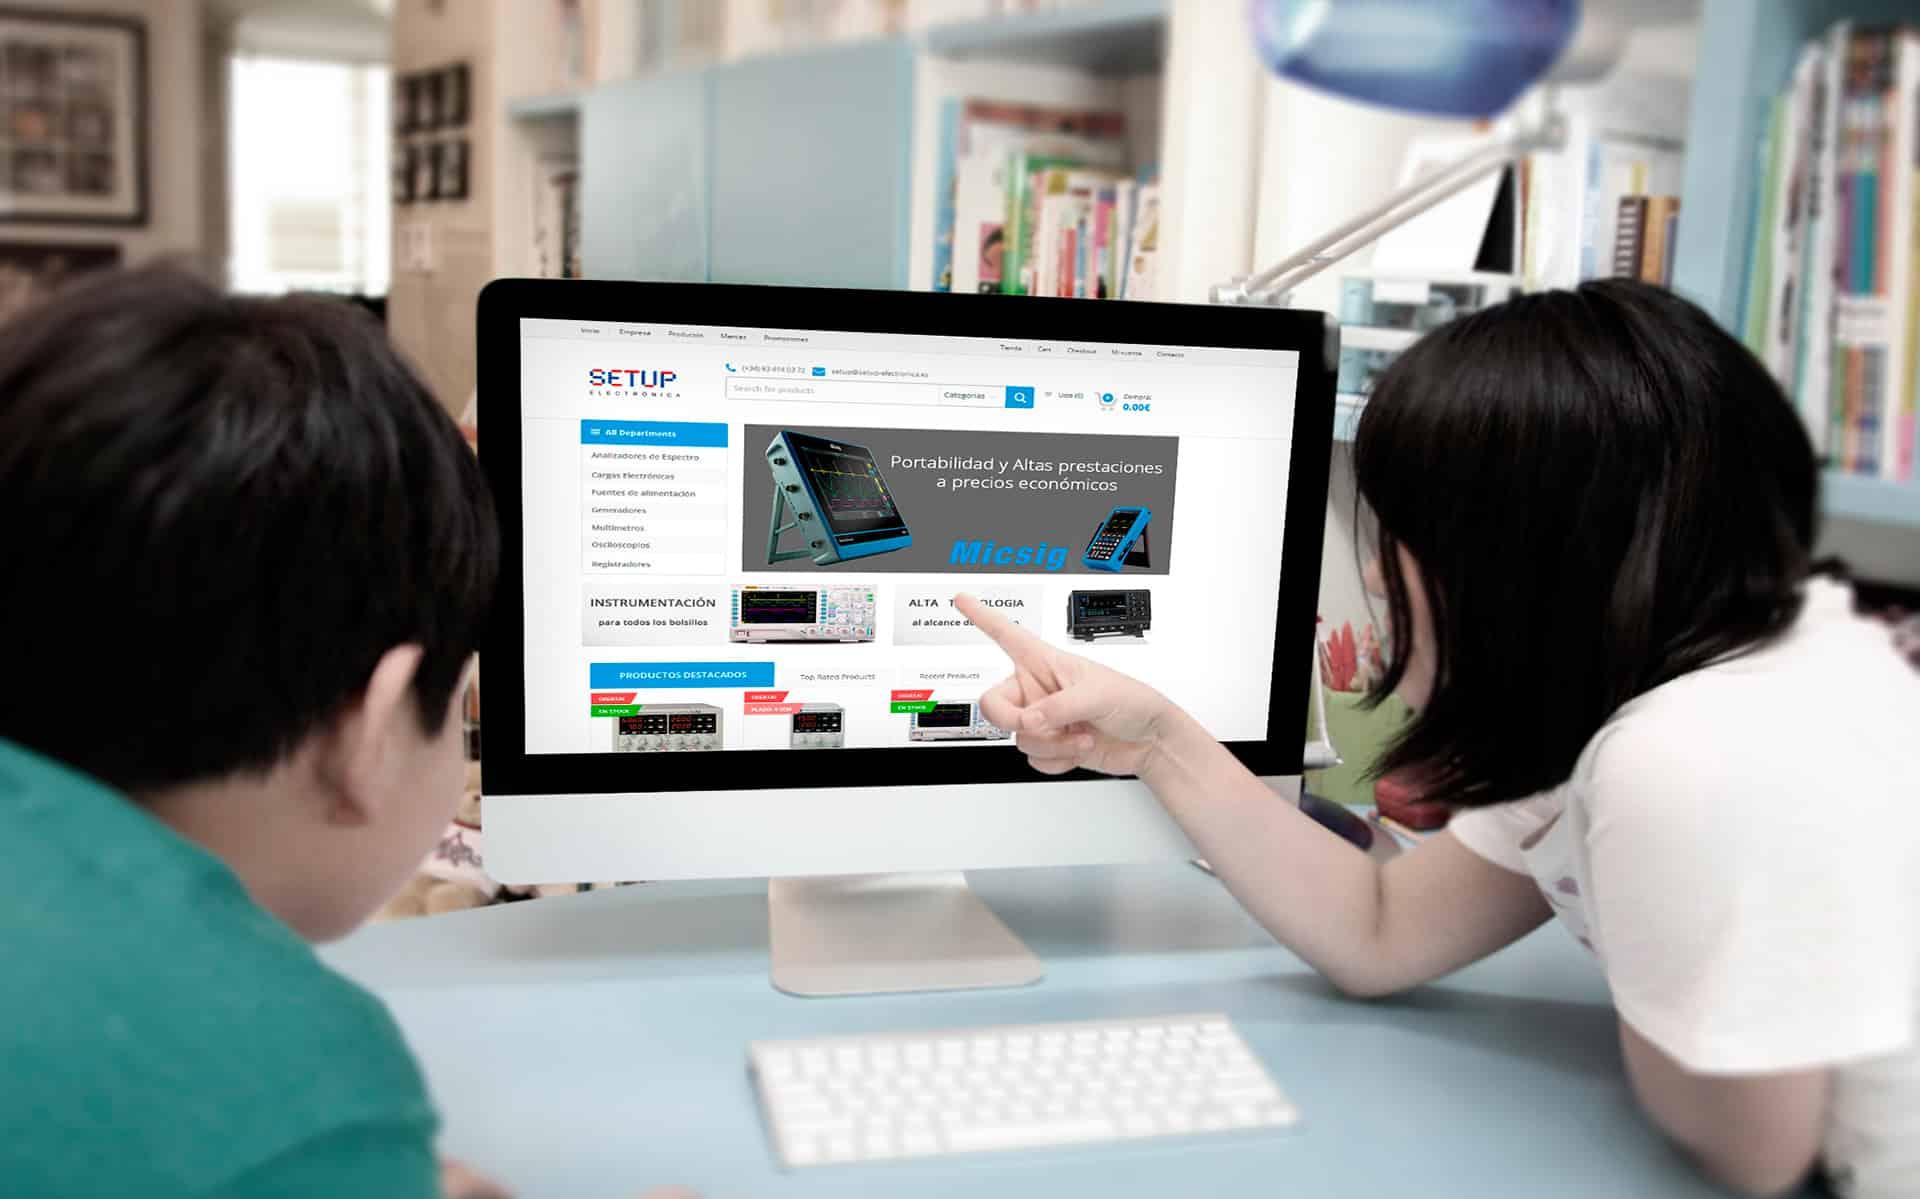 Diseño web y tiendas online de Setup electronica